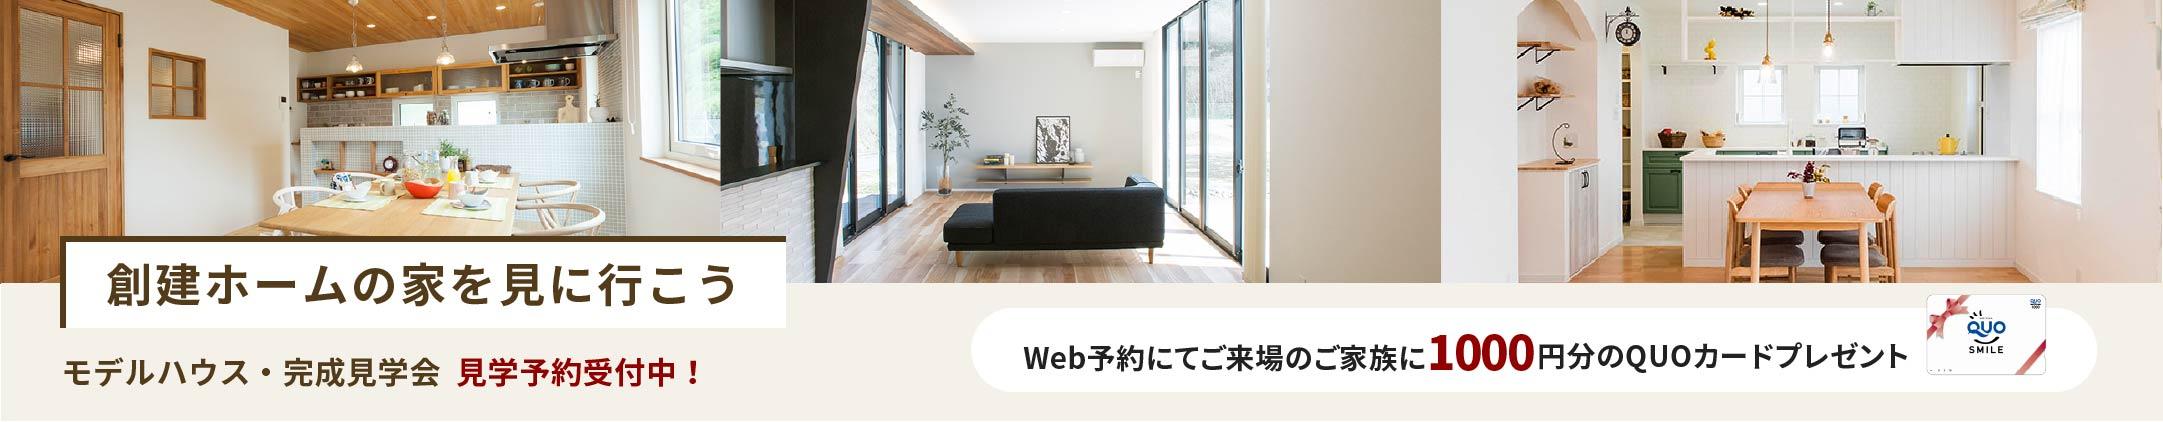 モデルハウス&分譲住宅見学会開催中!